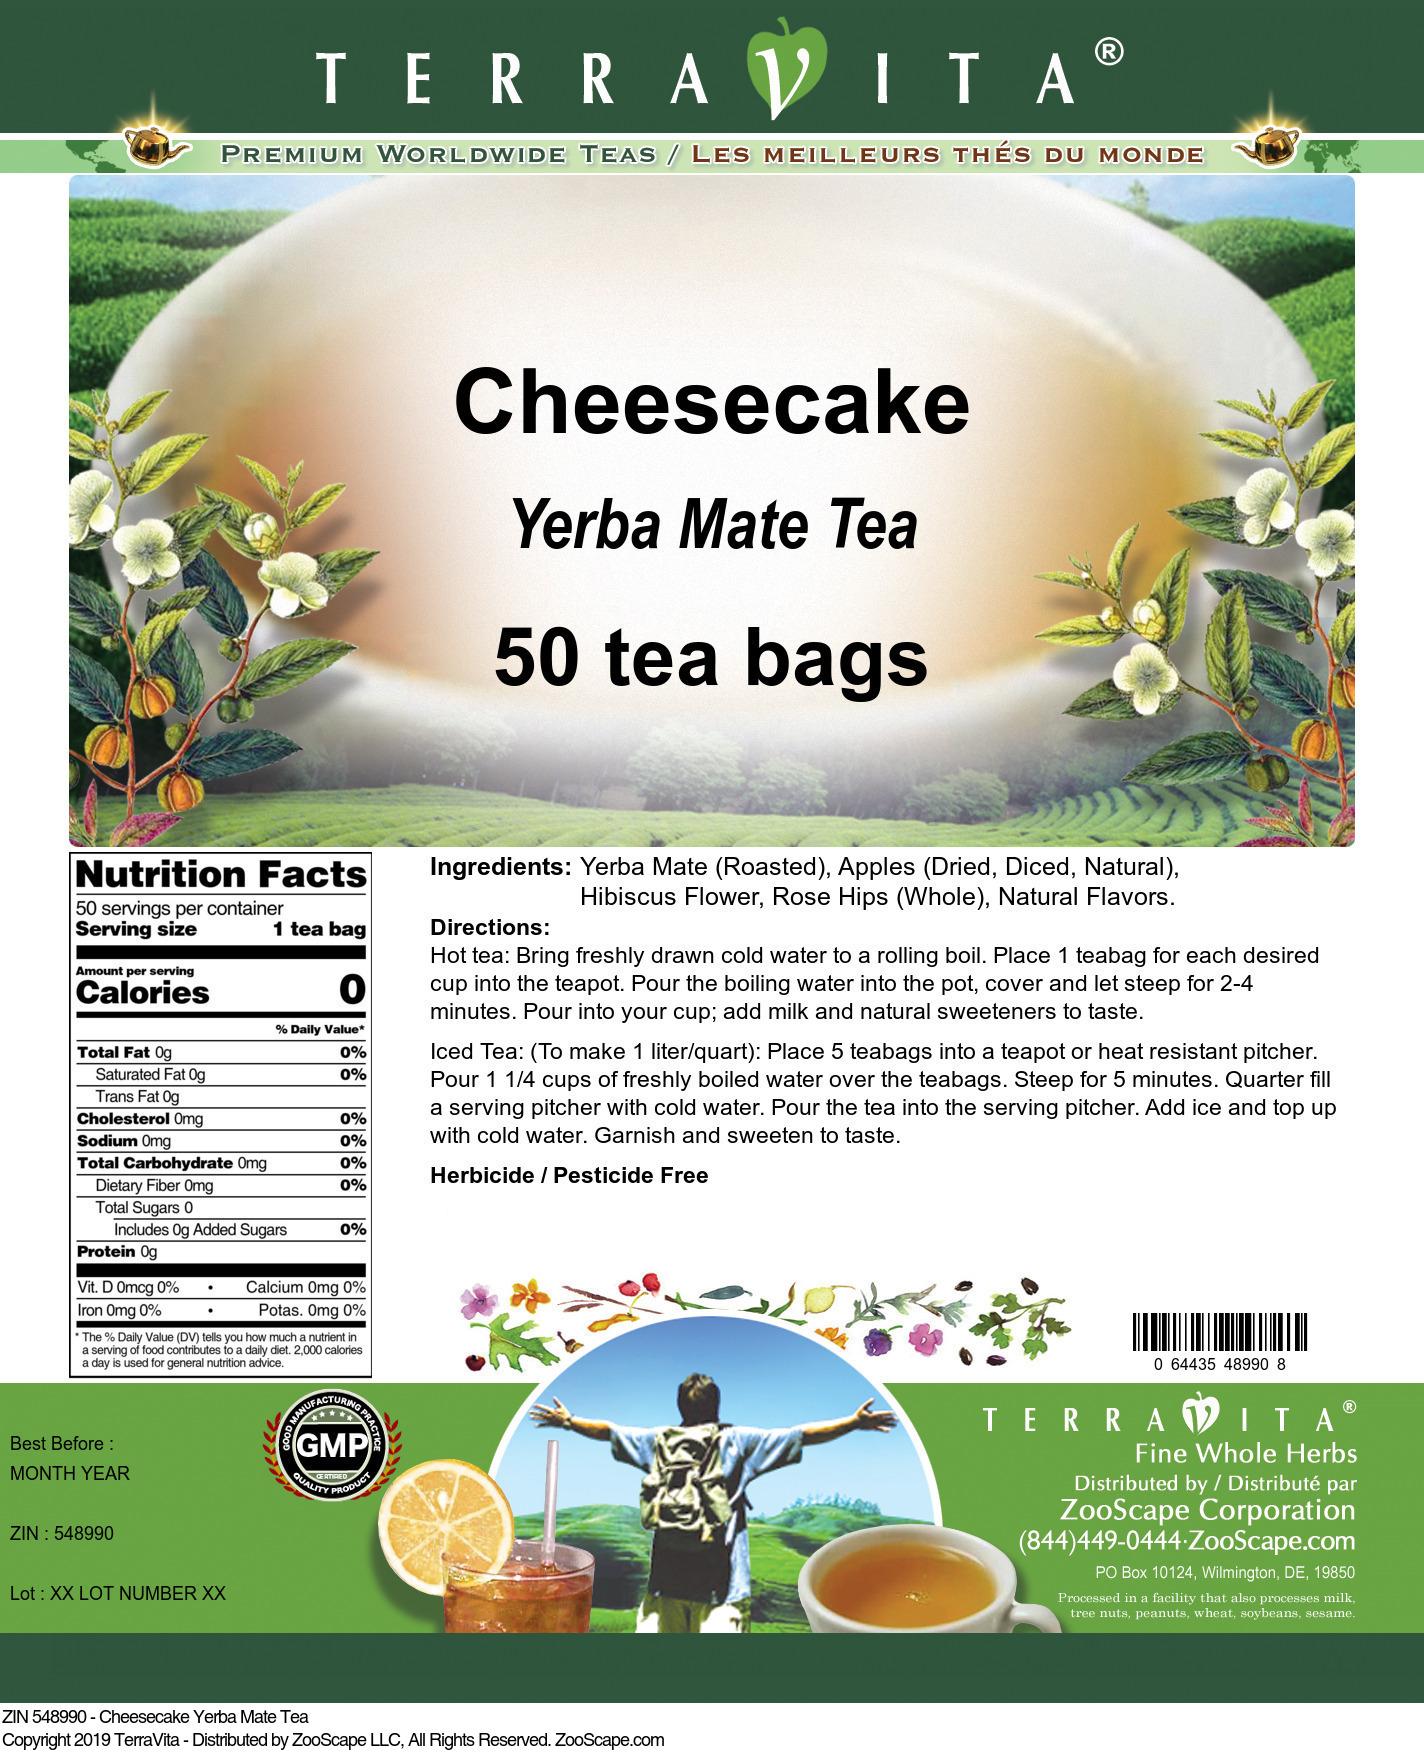 Cheesecake Yerba Mate Tea